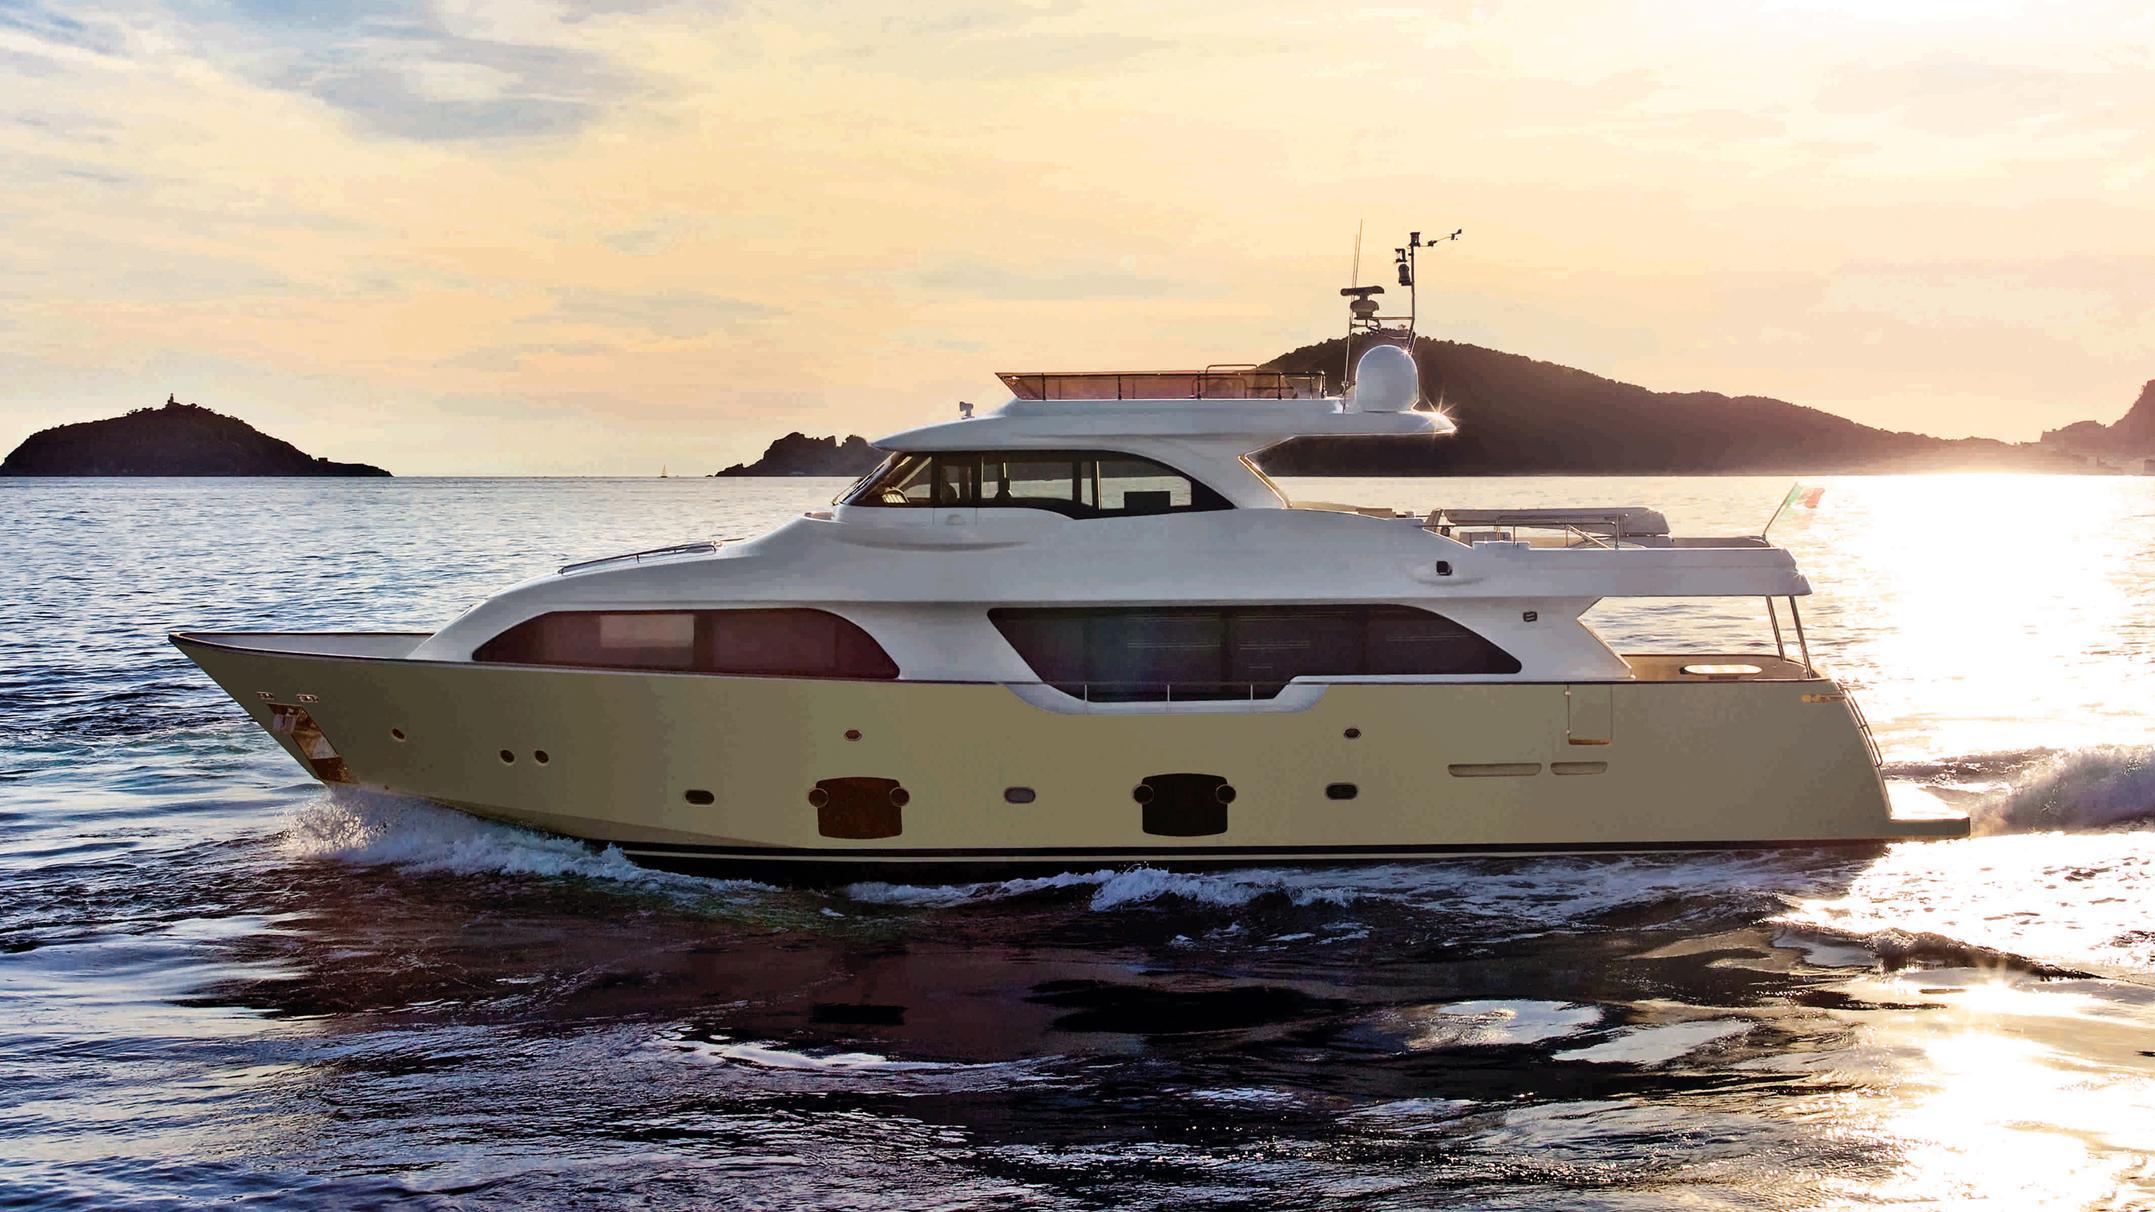 bimba-a-motor-yacht-ferretti-custom-line-2011-profile-sistership